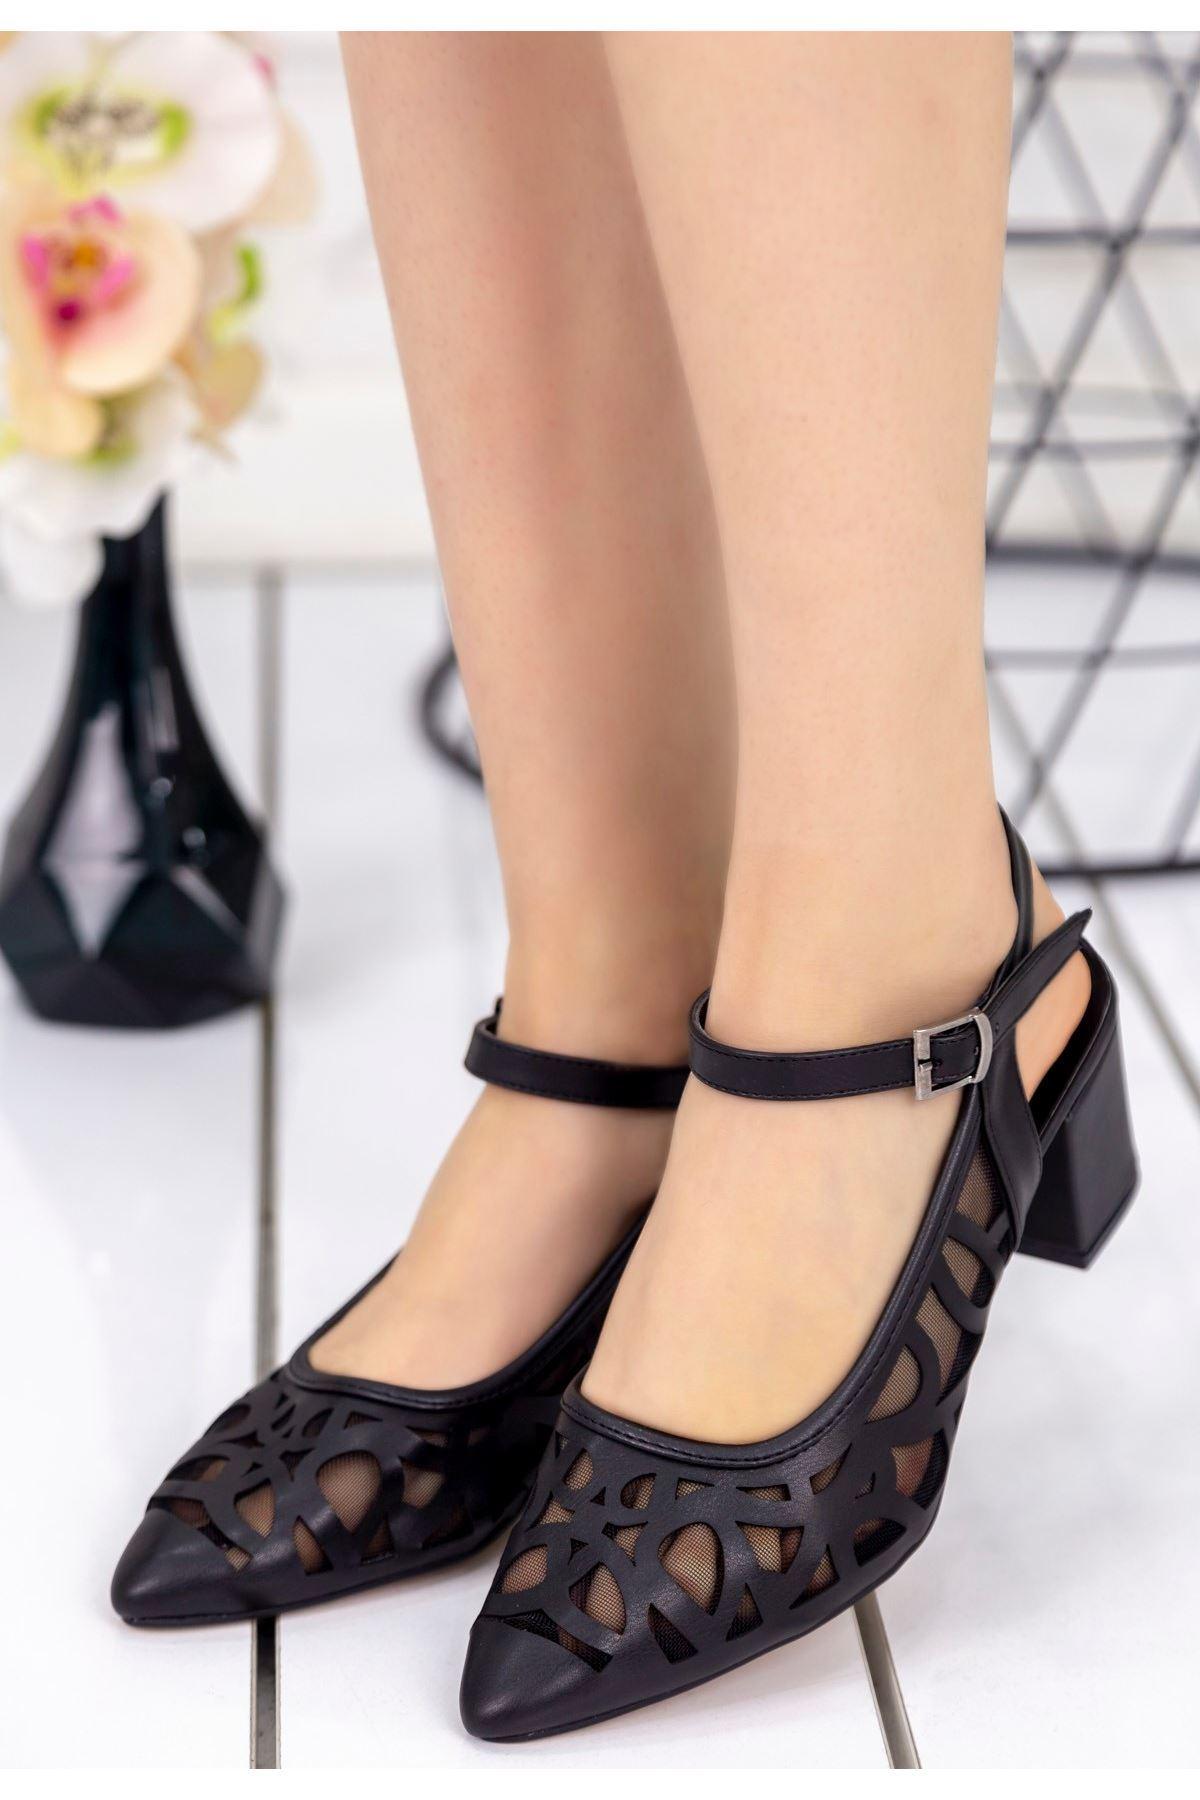 Zelene Siyah Cilt Topuklu Ayakkabı